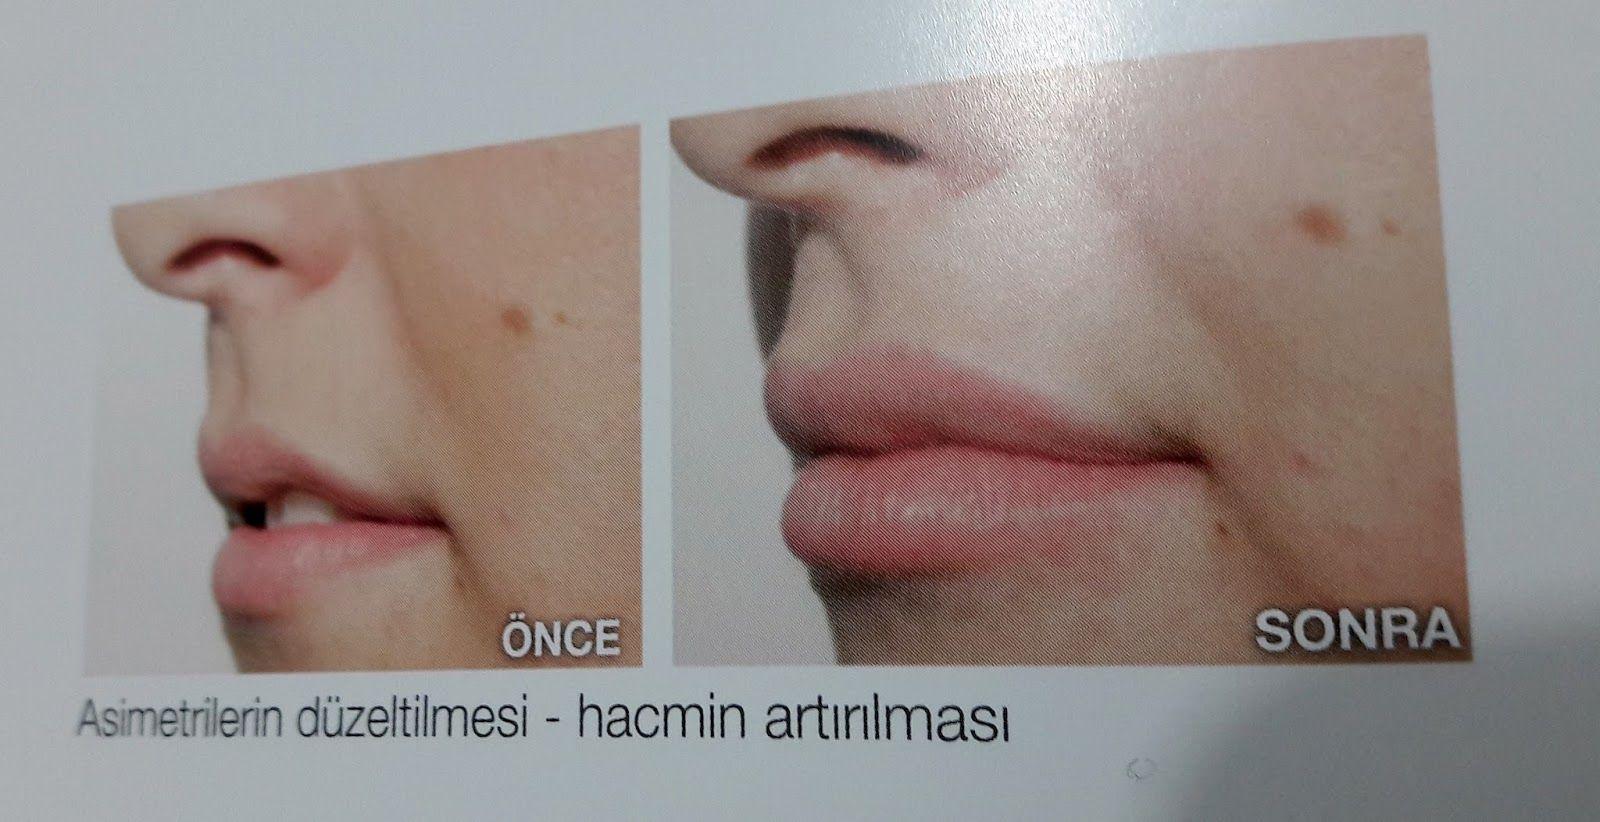 Doğal yöntemler ile dudak dolgunlaştırma